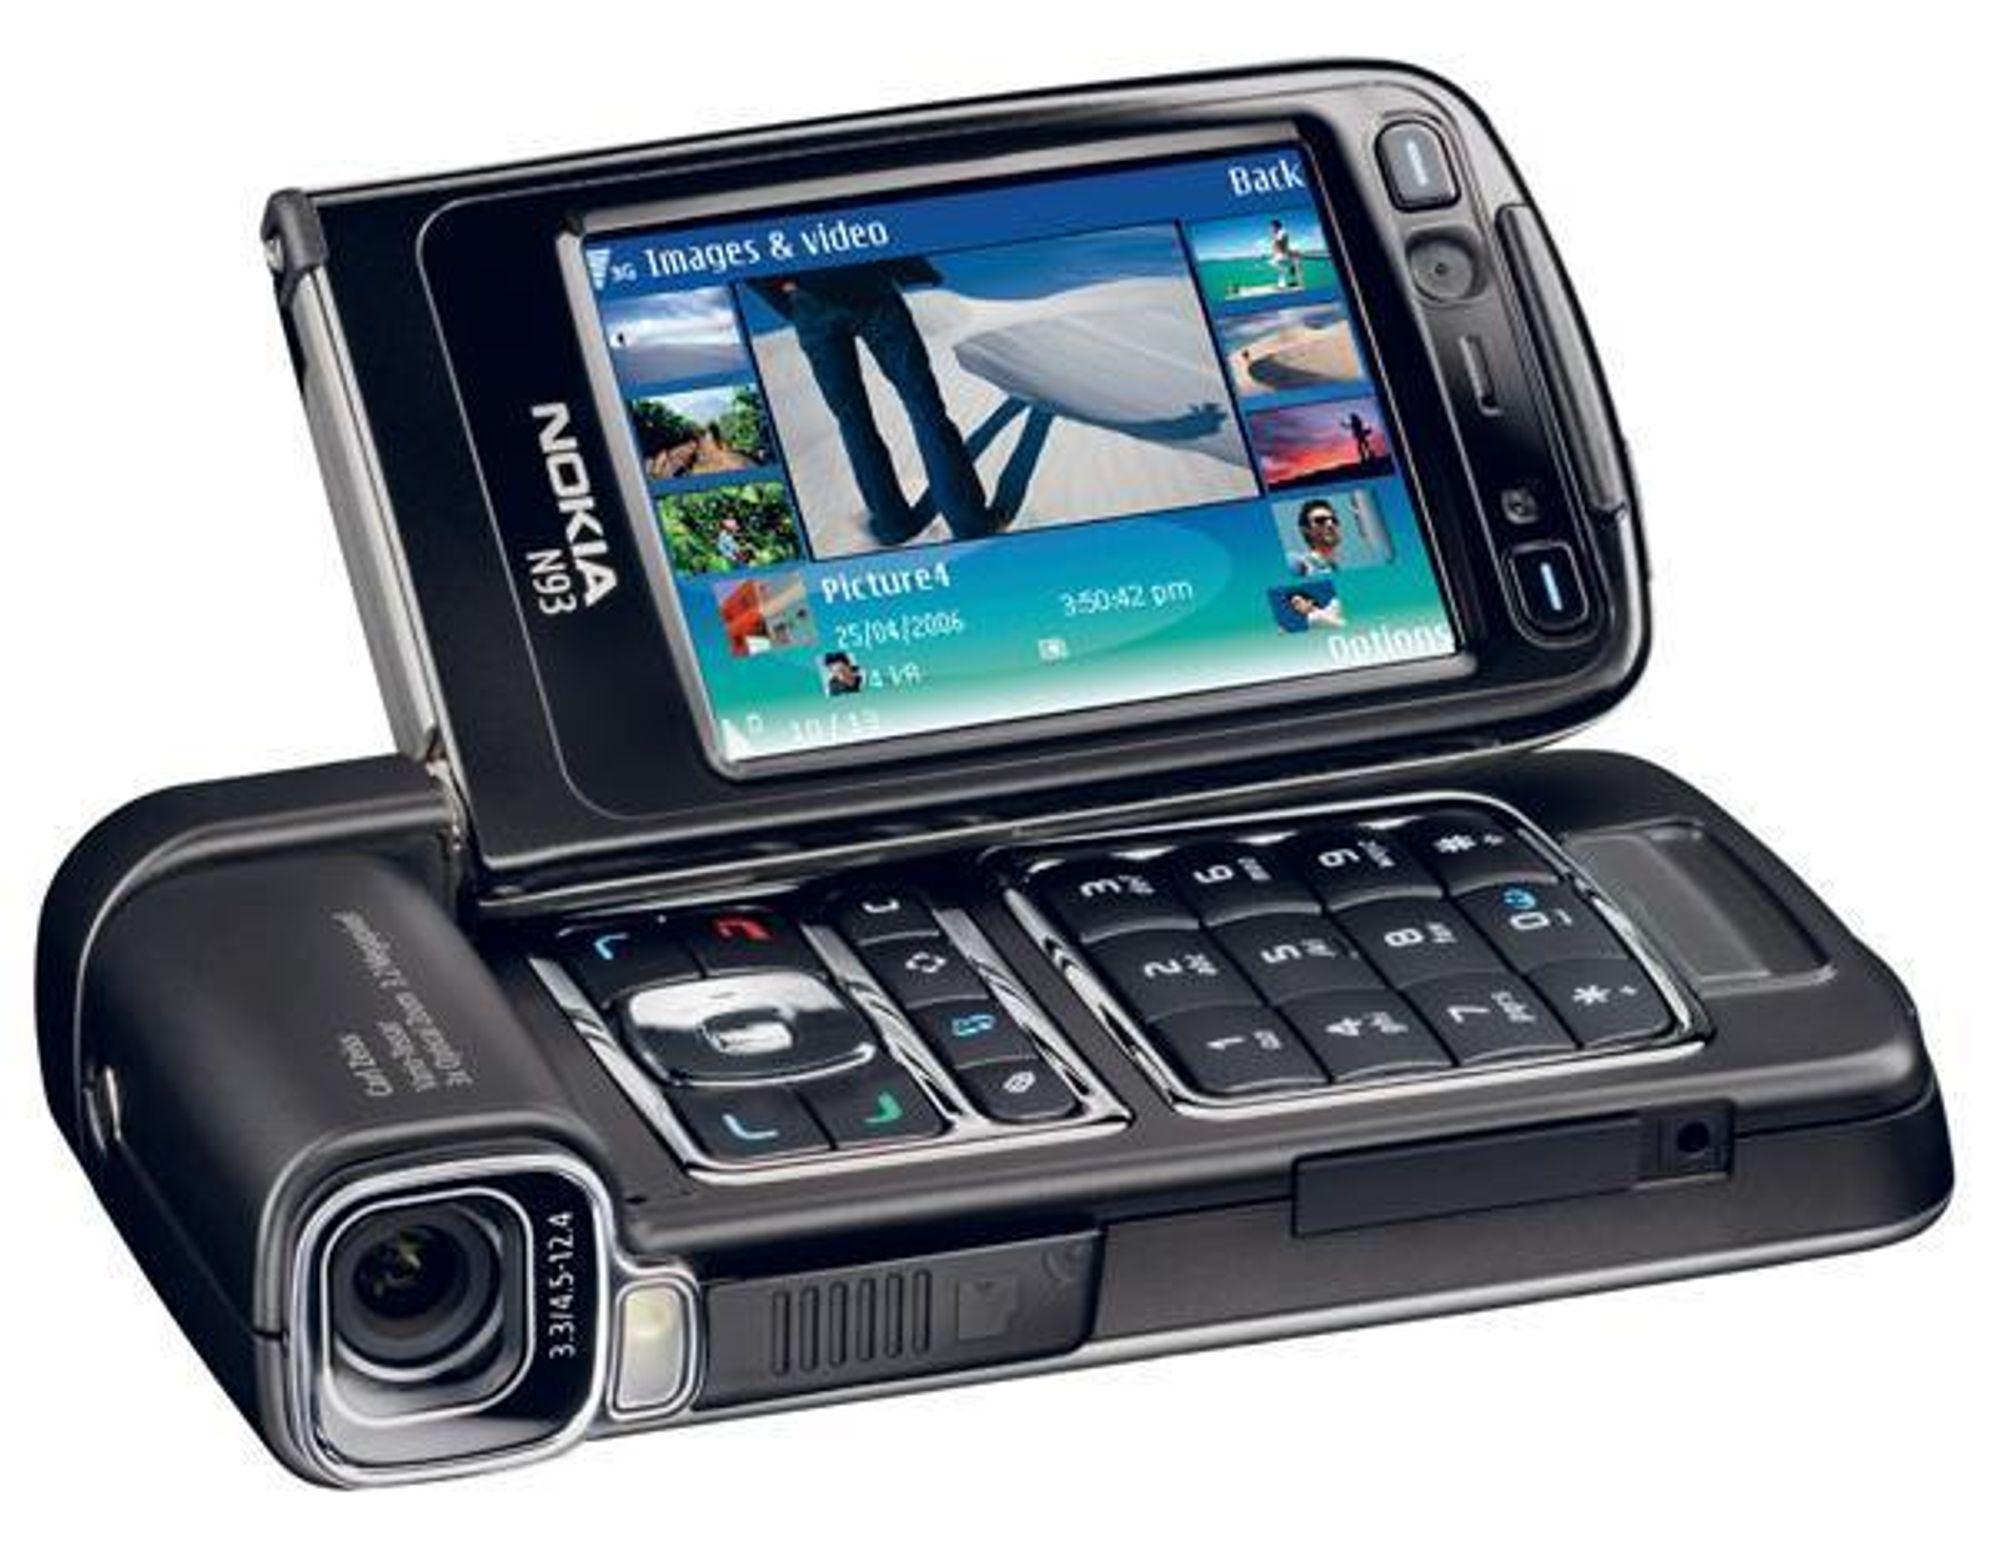 NOKIA N93: Mobiltelefon, digitalkamera (3,2 megapixel), videokamera, 3G-telefon med trippel GSM,  EDGE  radio, osv. osv.